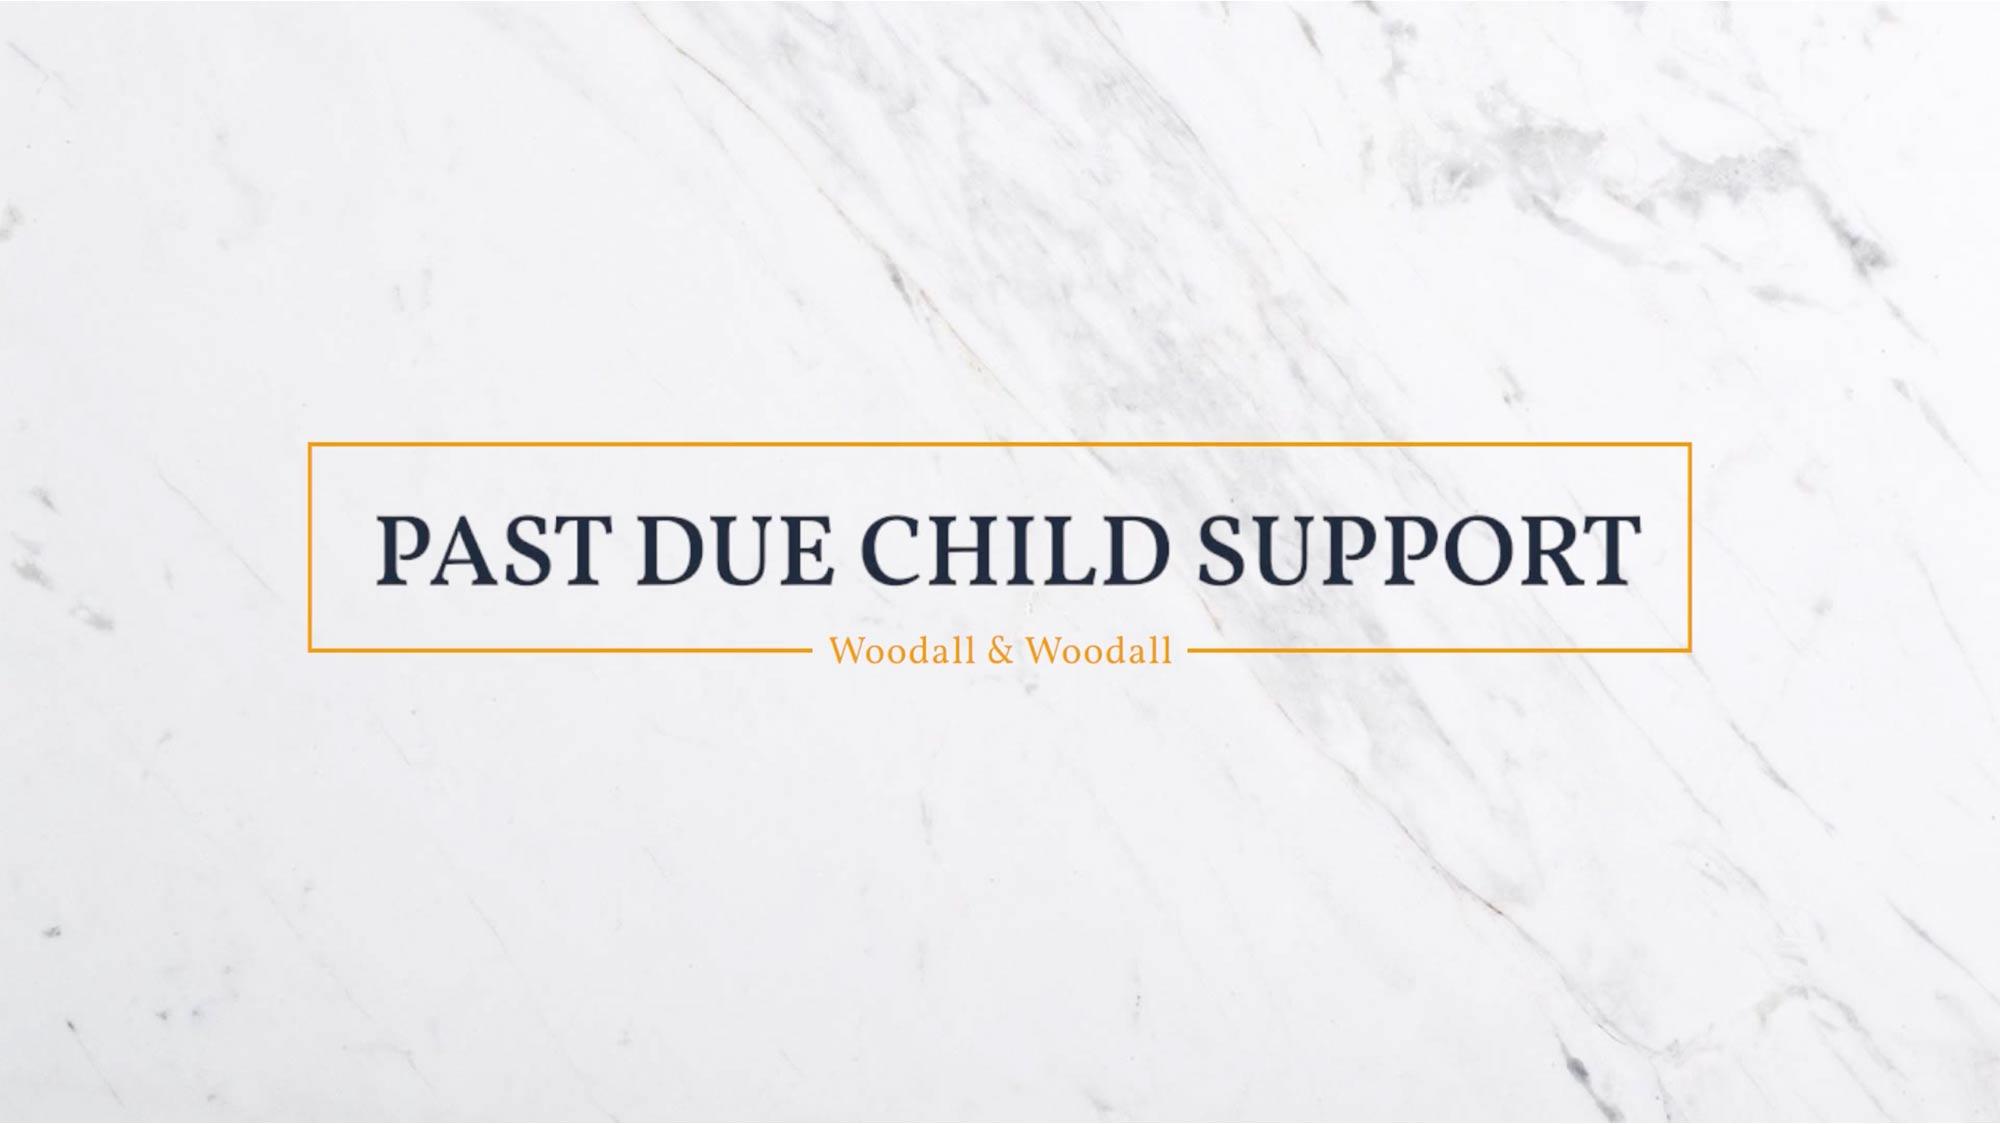 debt_child support.jpg